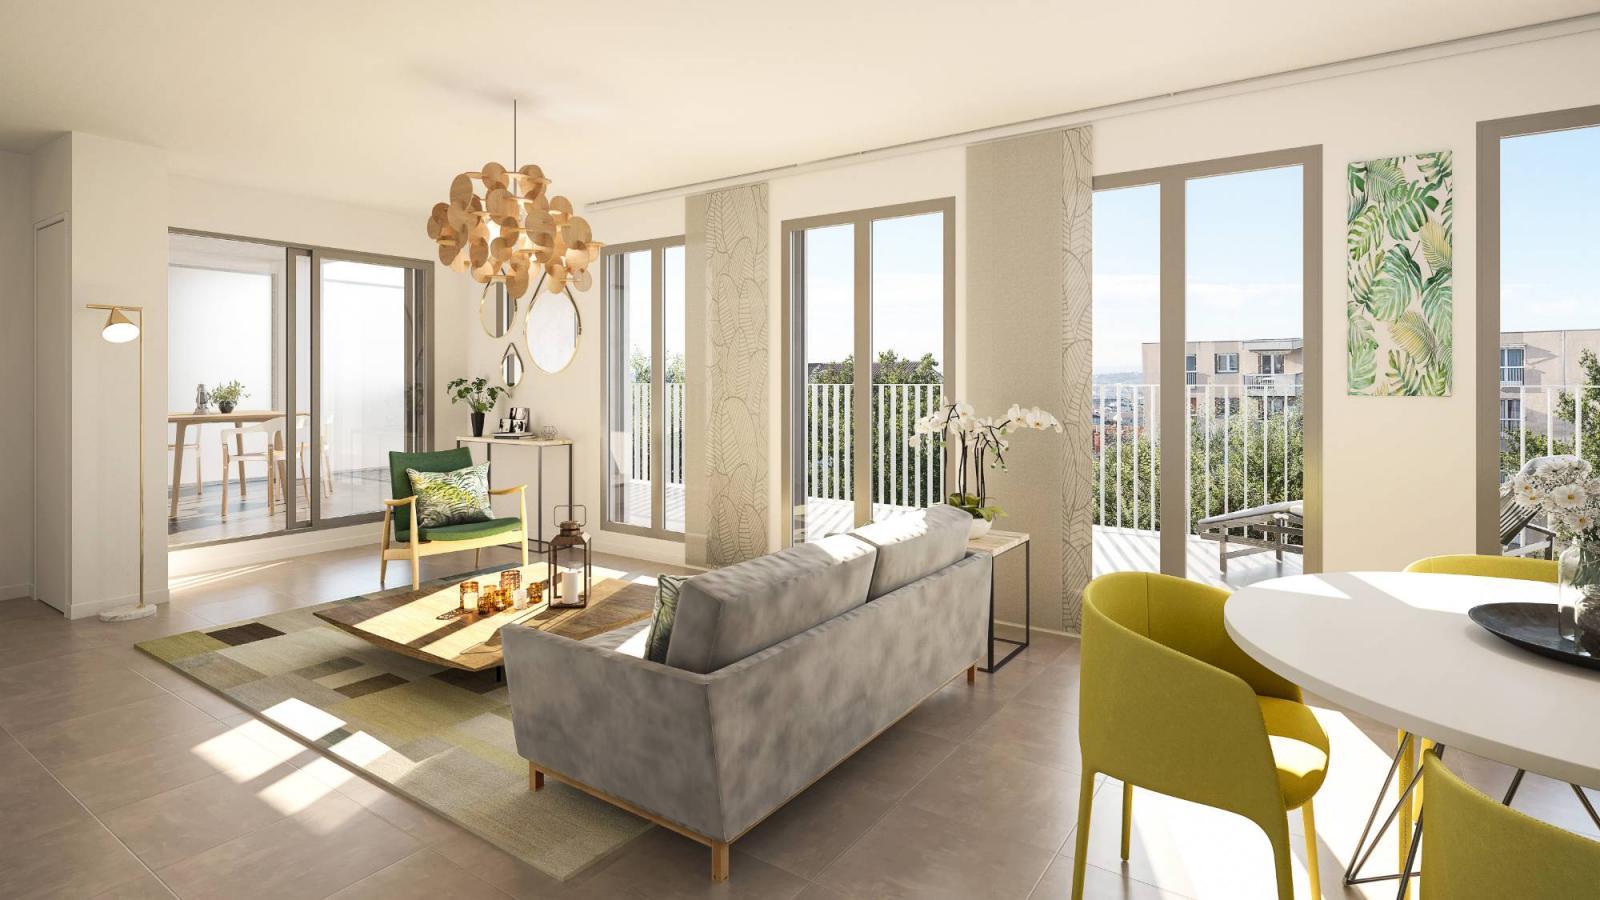 Programme immobilier VAL38 appartement à Villeurbanne (69100) AU COEUR DE VILLEURBANNE